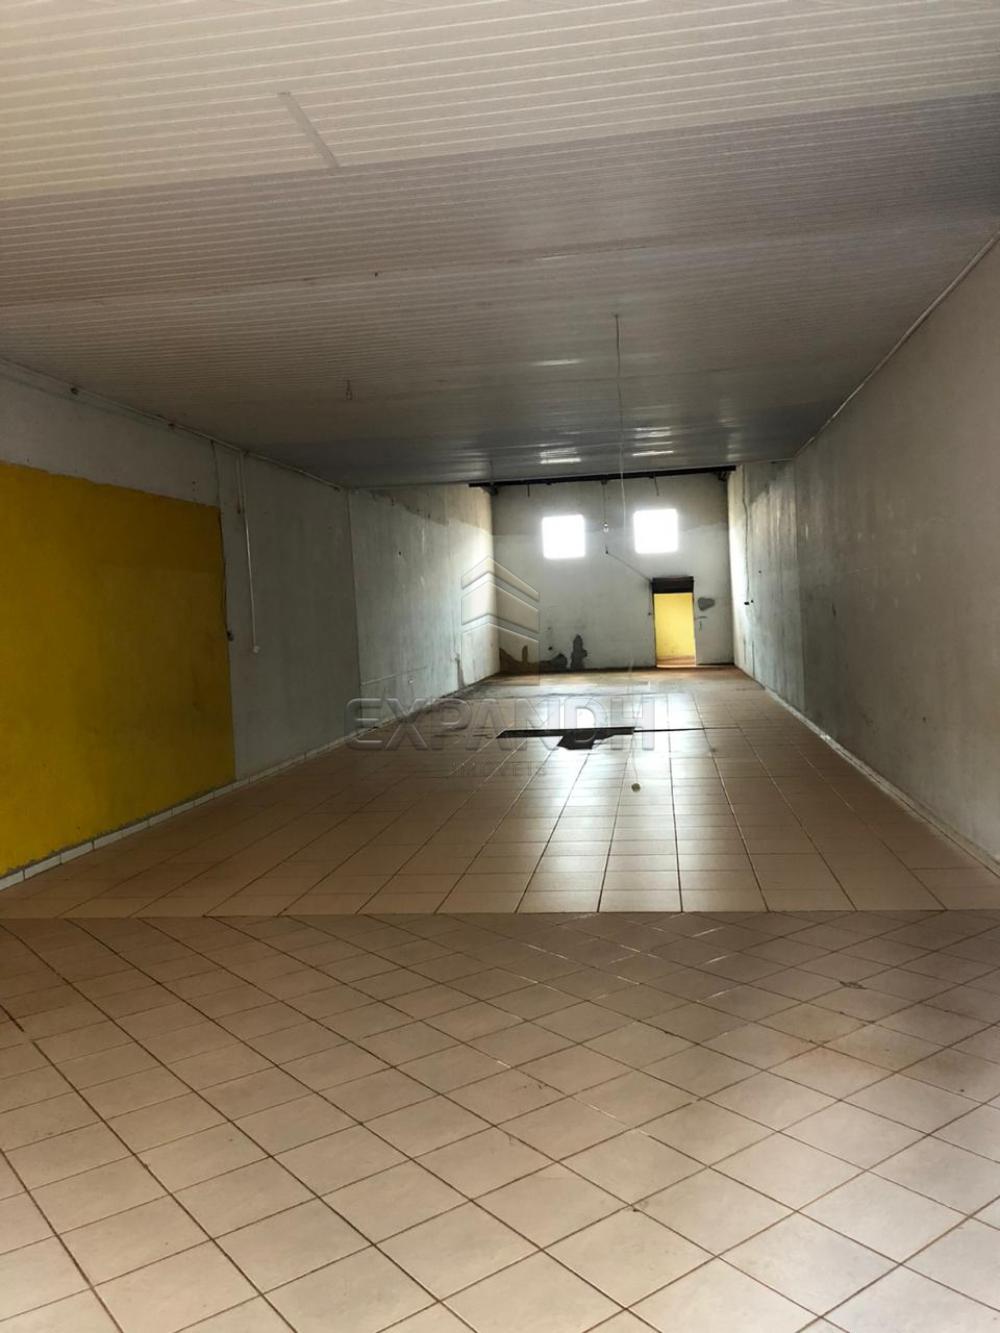 Alugar Comerciais / Salão em Sertãozinho apenas R$ 1.500,00 - Foto 2